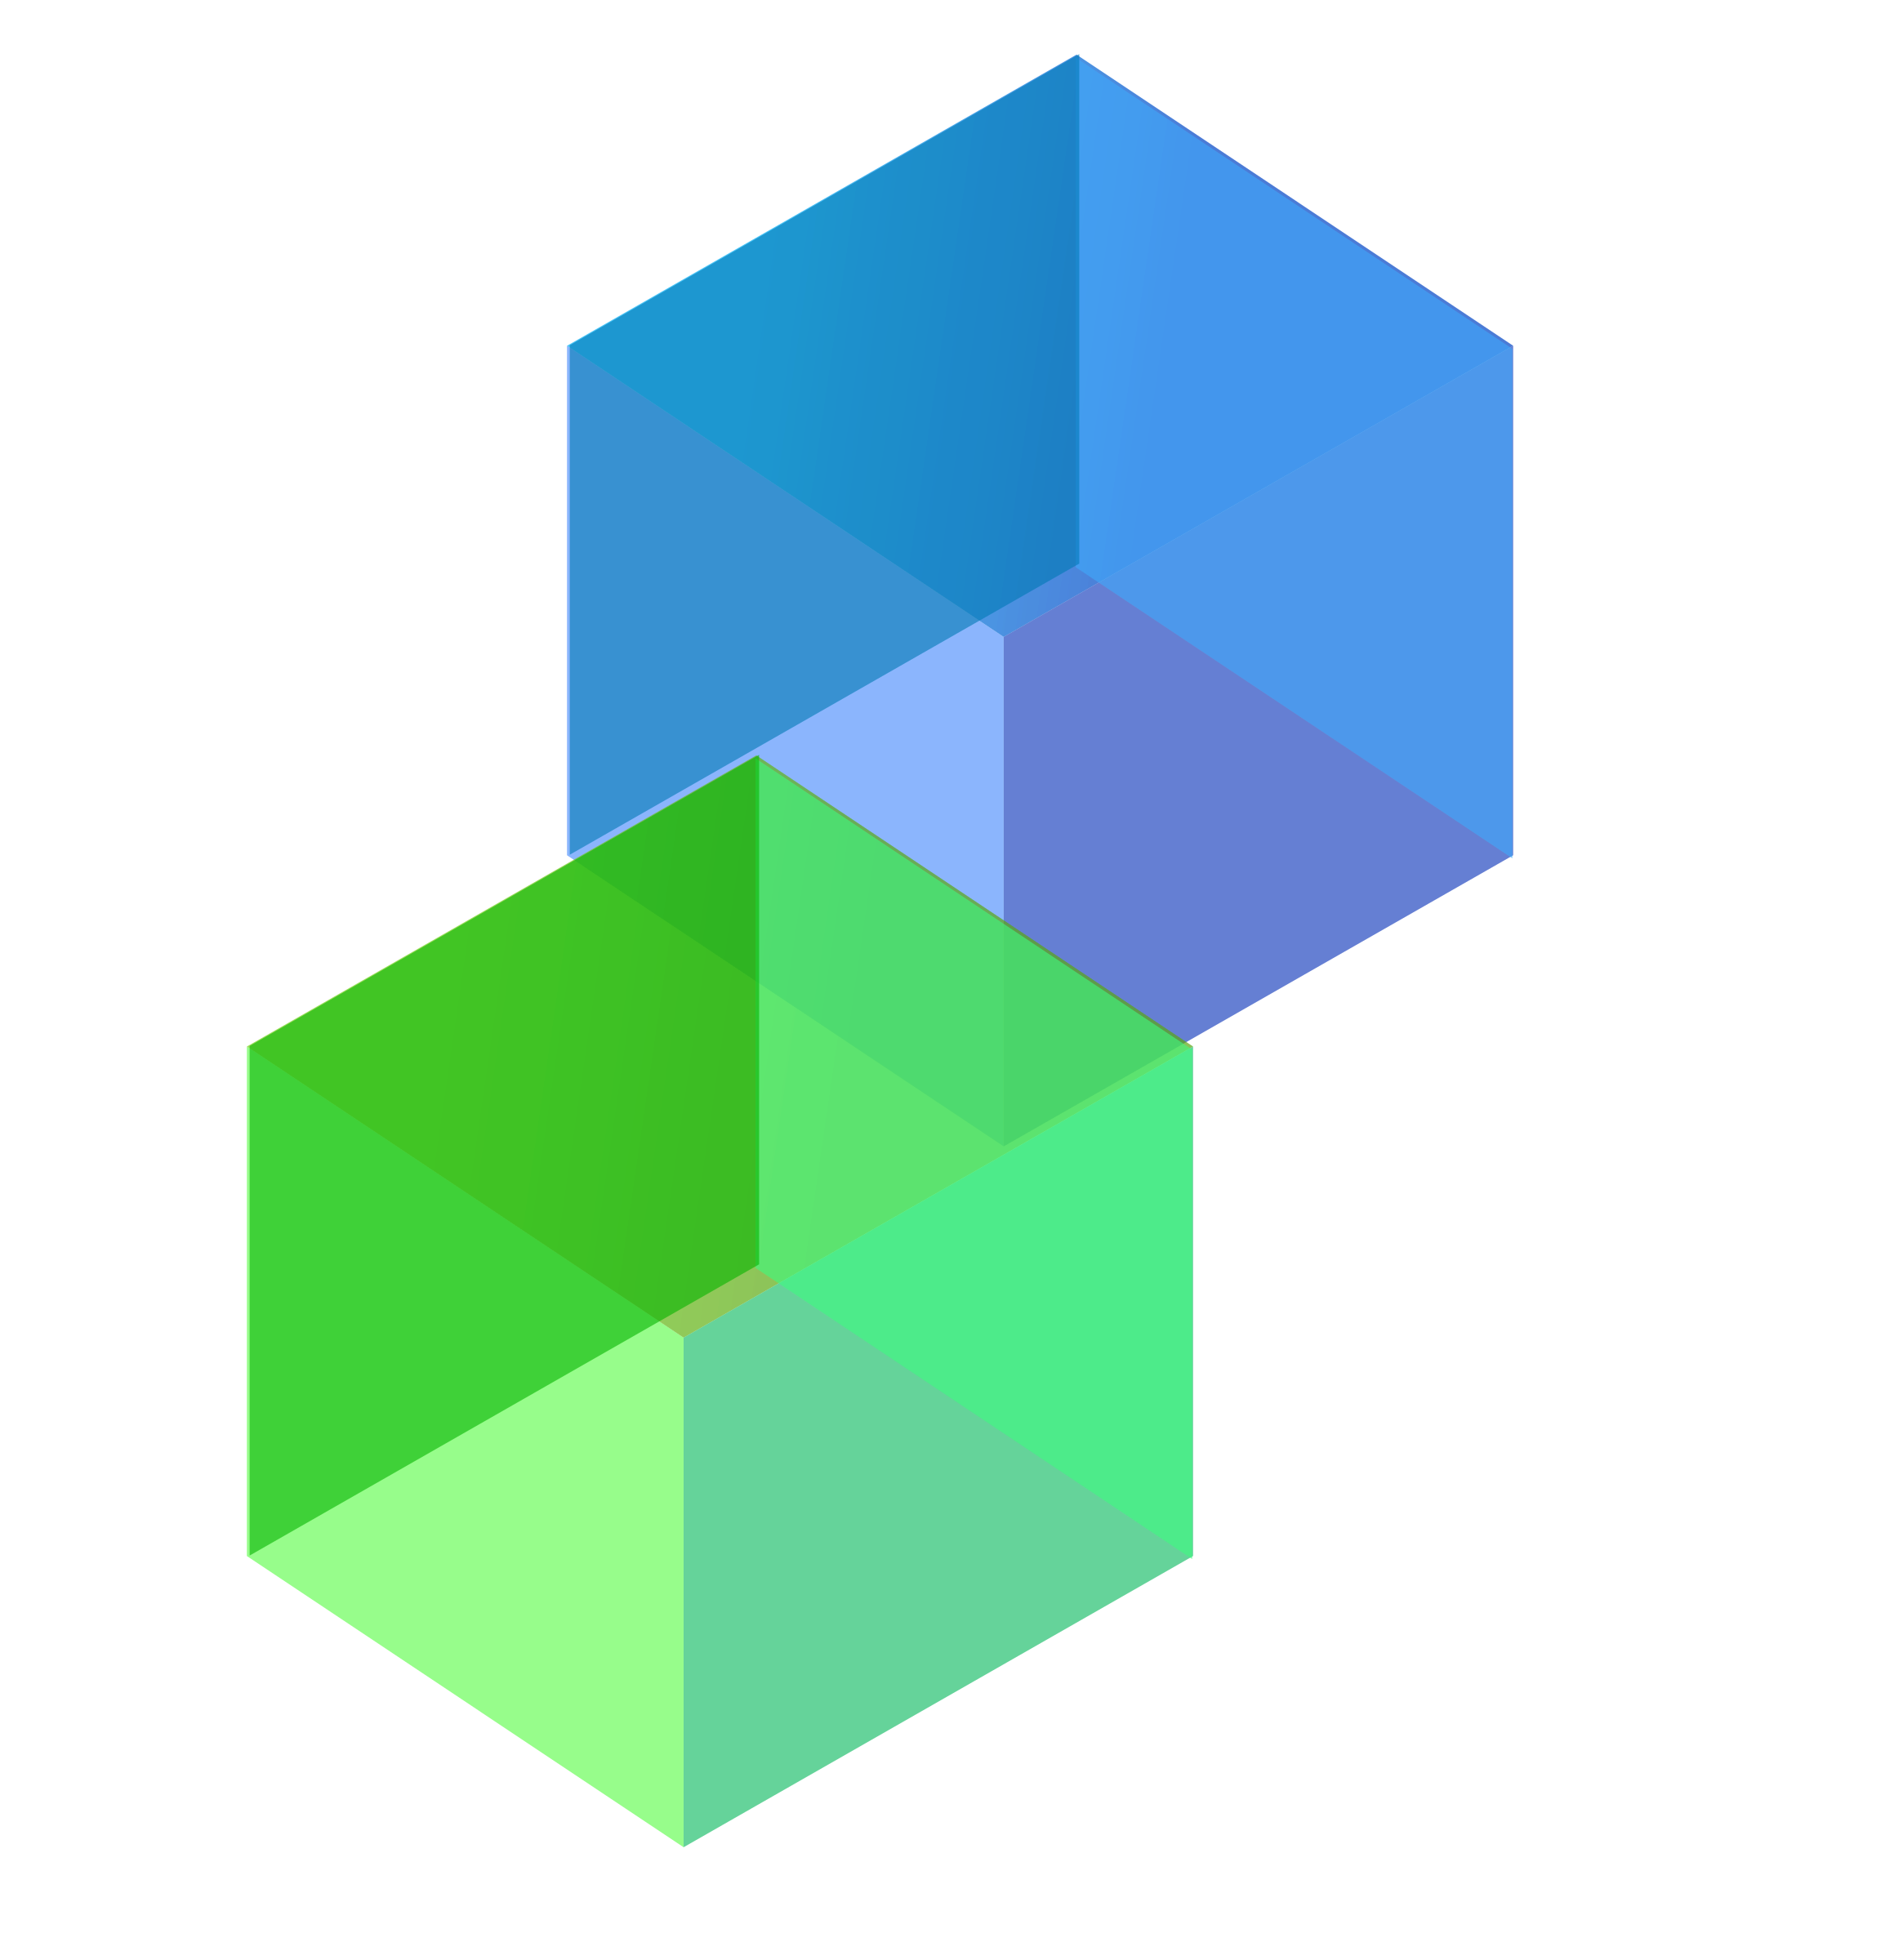 Cube clipart cube shape. D cubes big image